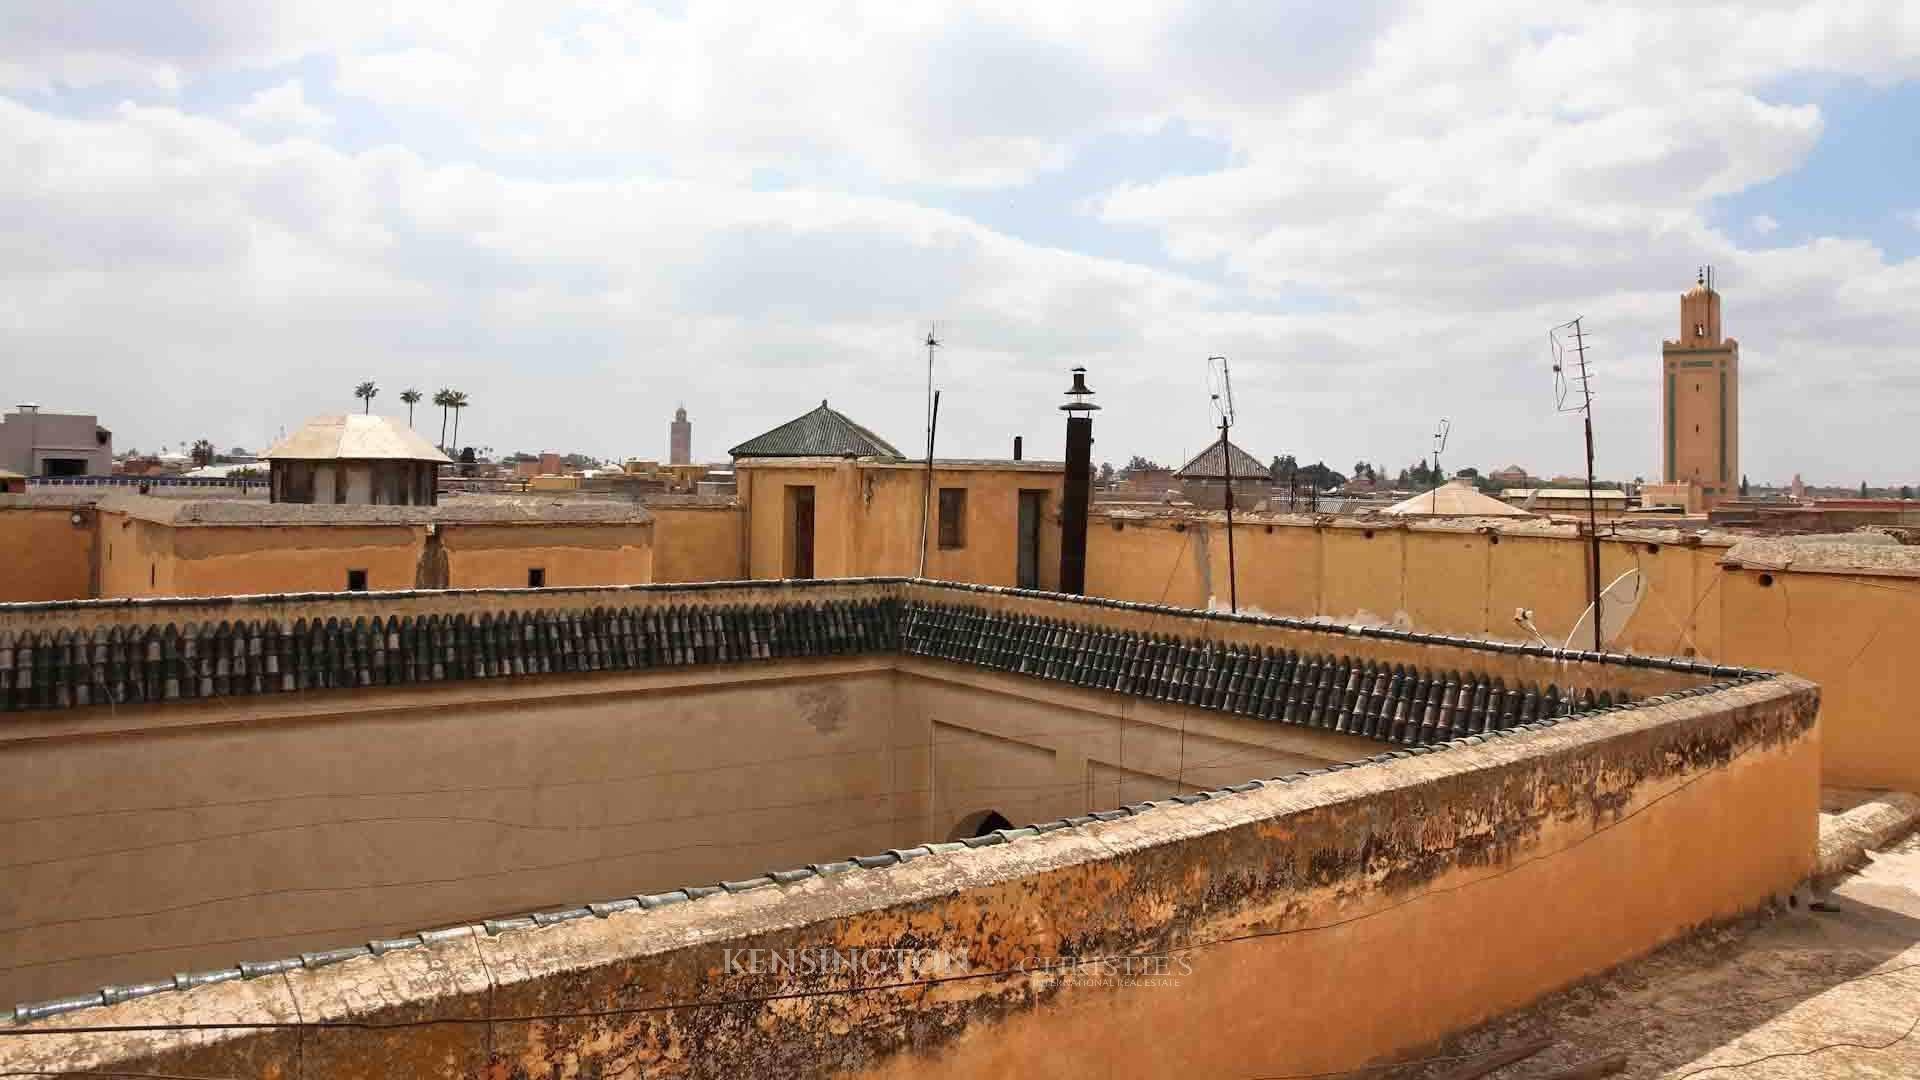 KPPM00968: Riad Saif Riad Marrakech Morocco